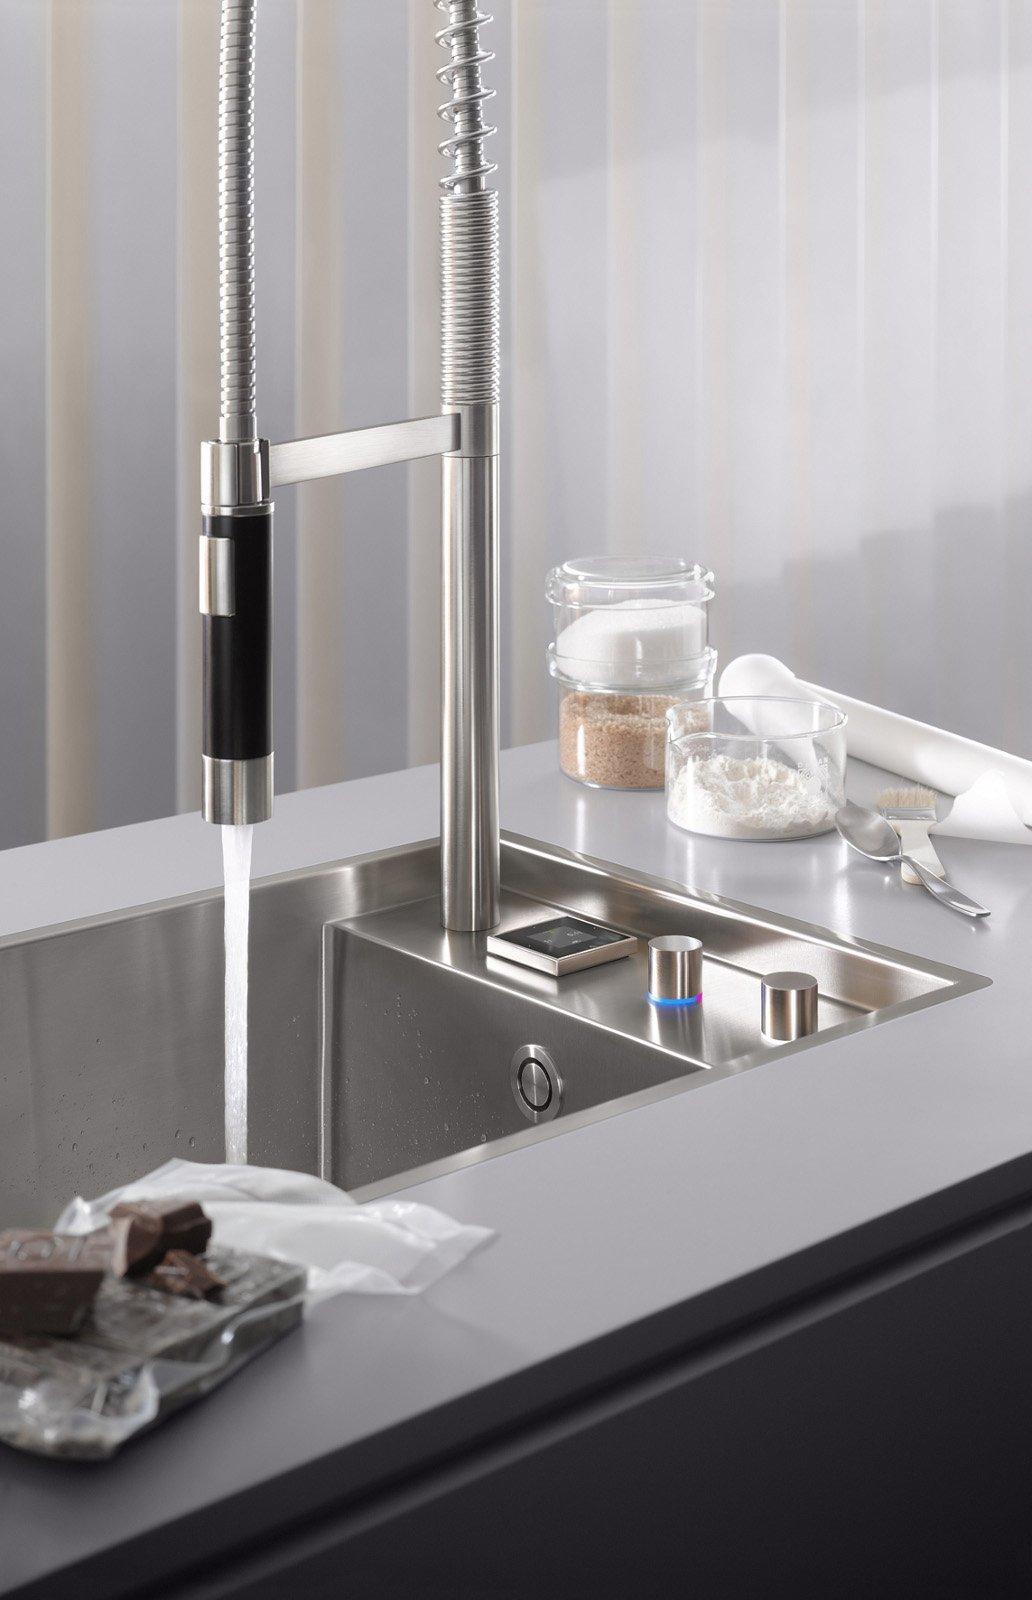 Rubinetterie elettroniche per regolare e risparmiare acqua cose di casa - Rubinetti x cucina ...